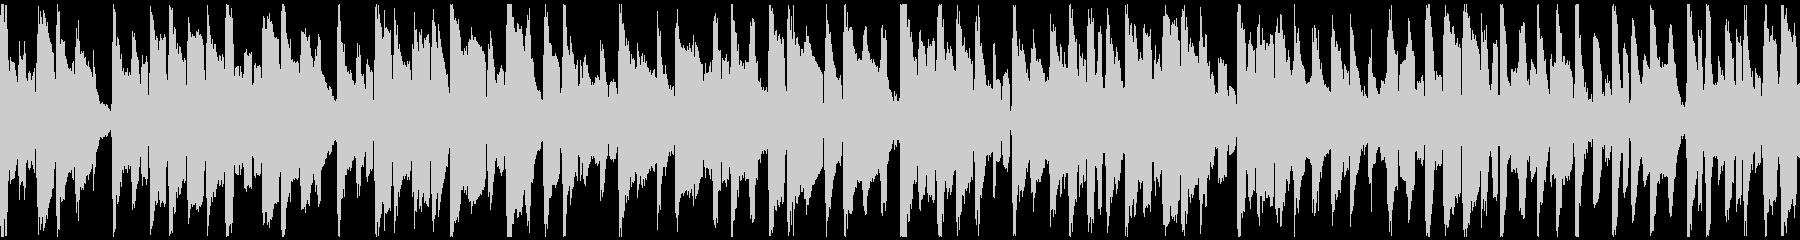 ぐうたら日常的な脱力リコーダー※ループ版の未再生の波形